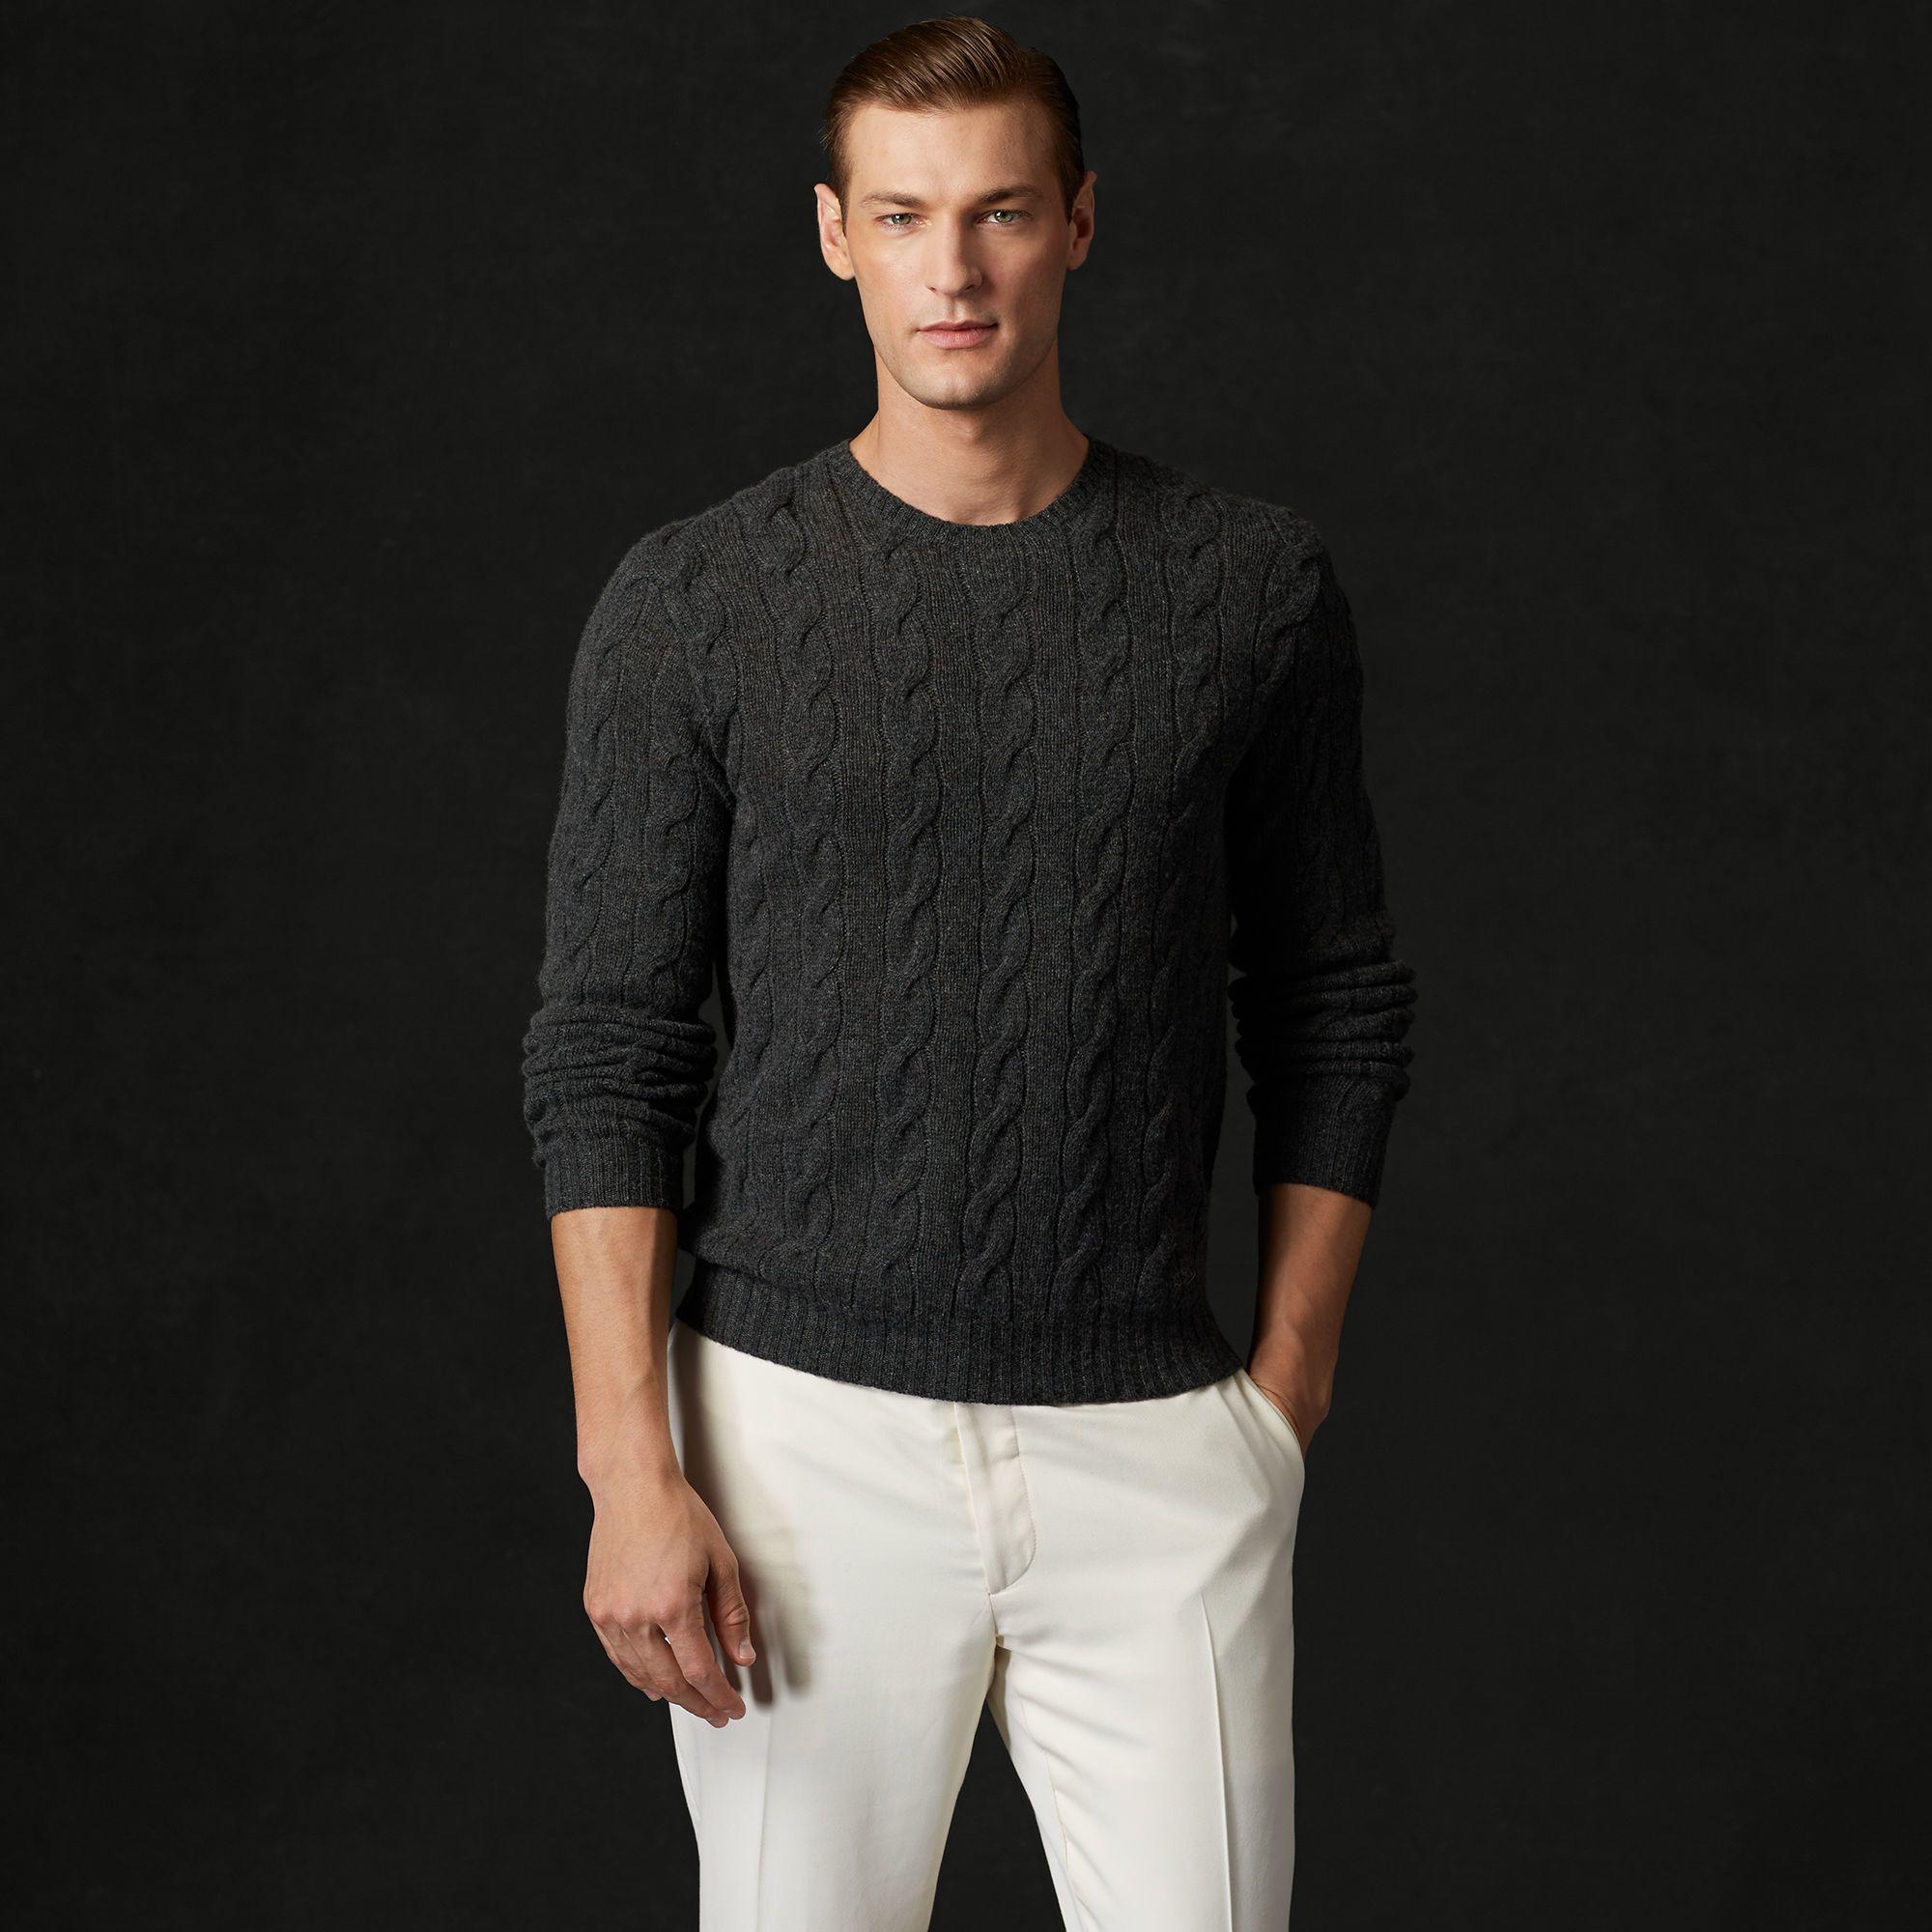 ralph-lauren-purple-label-charcoal-melange-cable-knit-cashmere ...